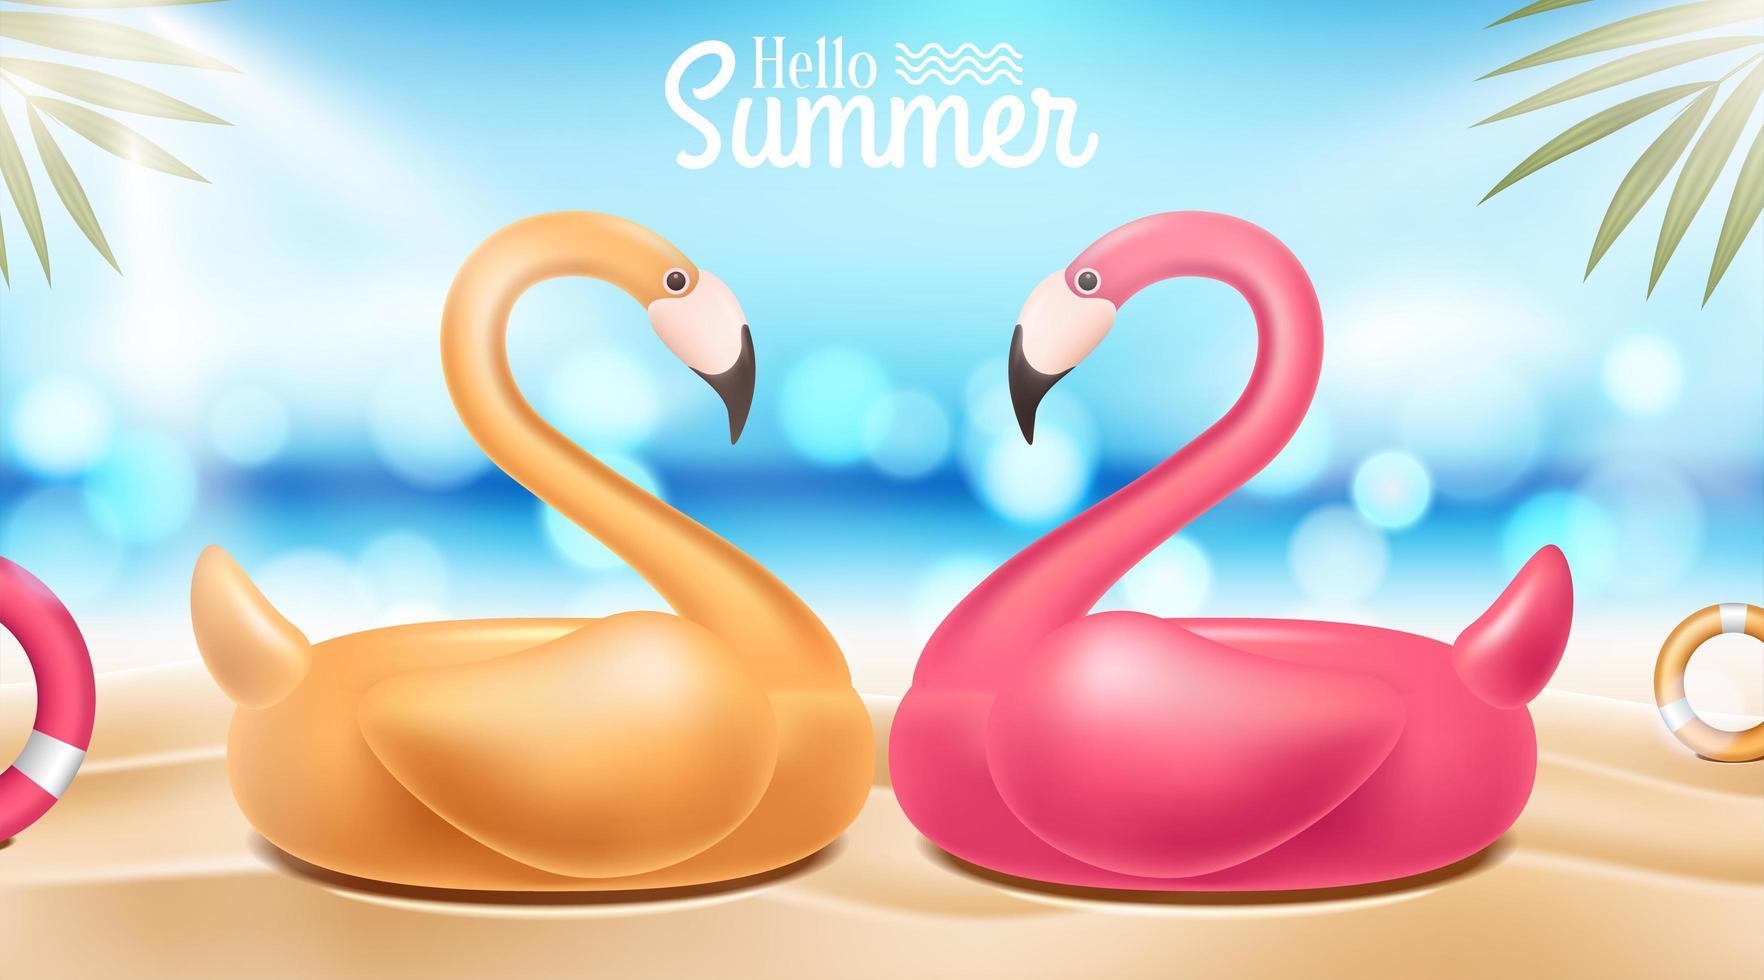 bonjour design d'été avec des flamants roses vecteur